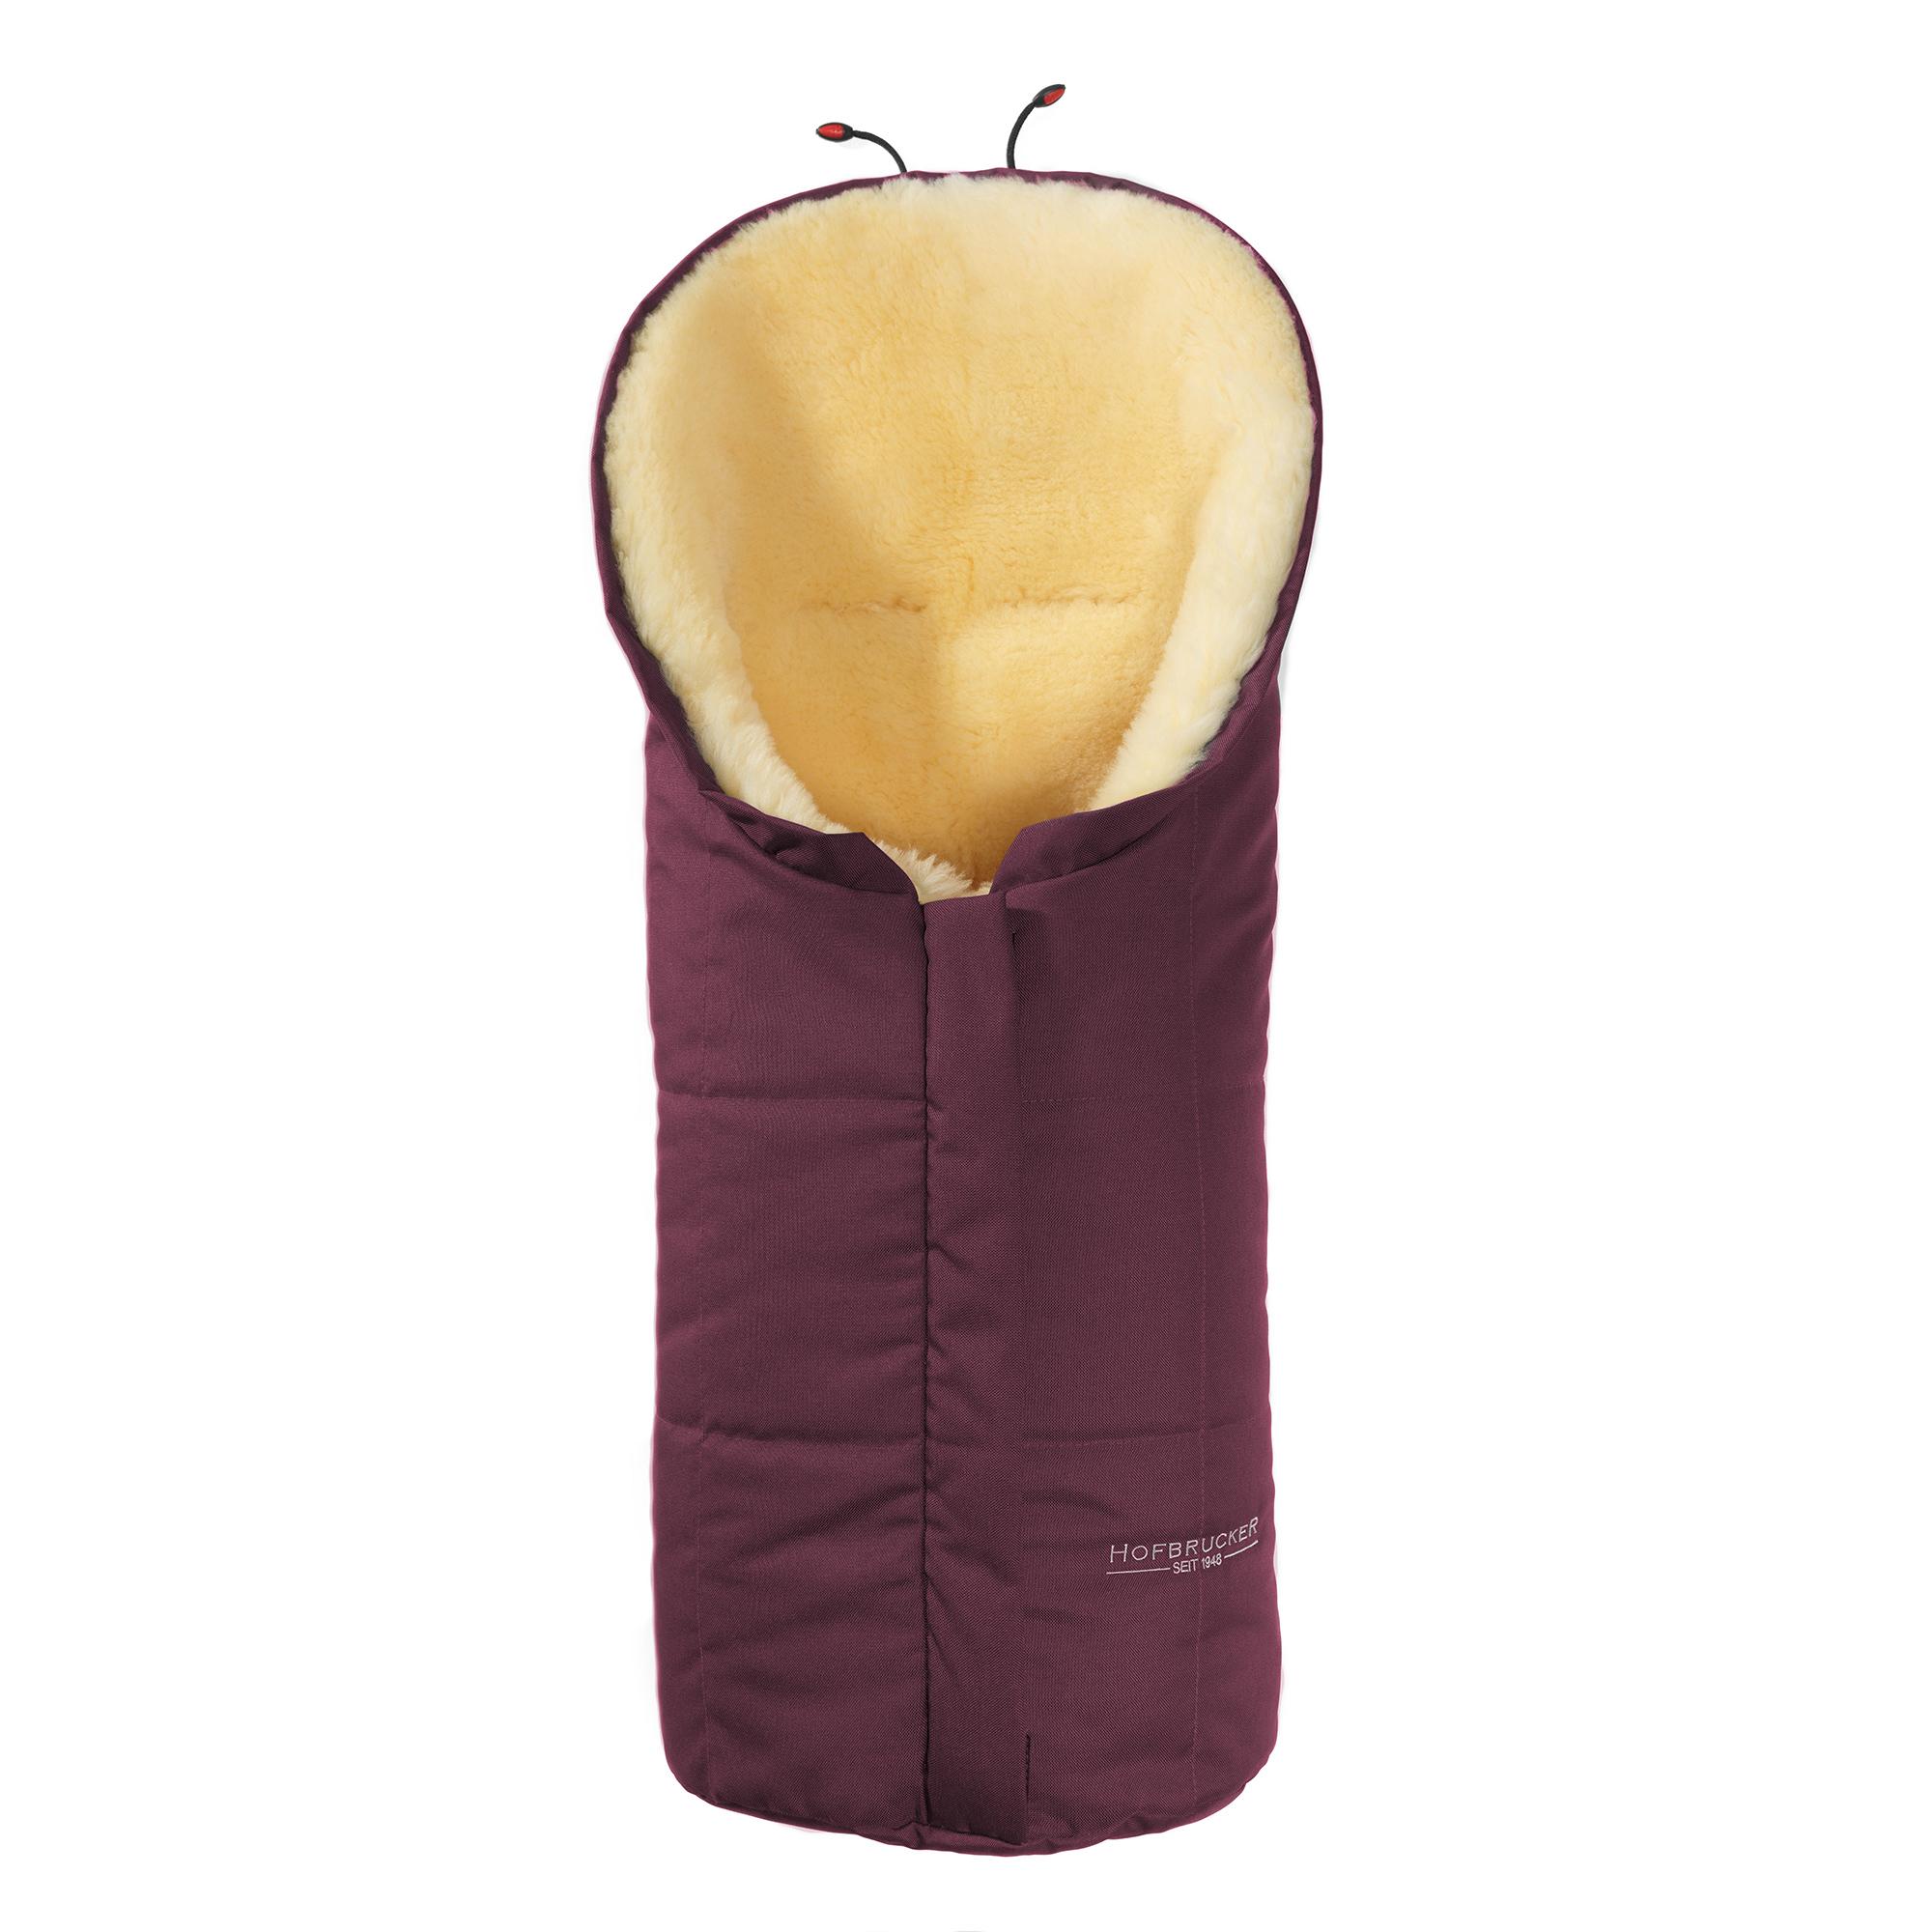 Hofbrucker Lammfell-Fußsack Eskimo für Babyschale, Kinderwagen und Buggy